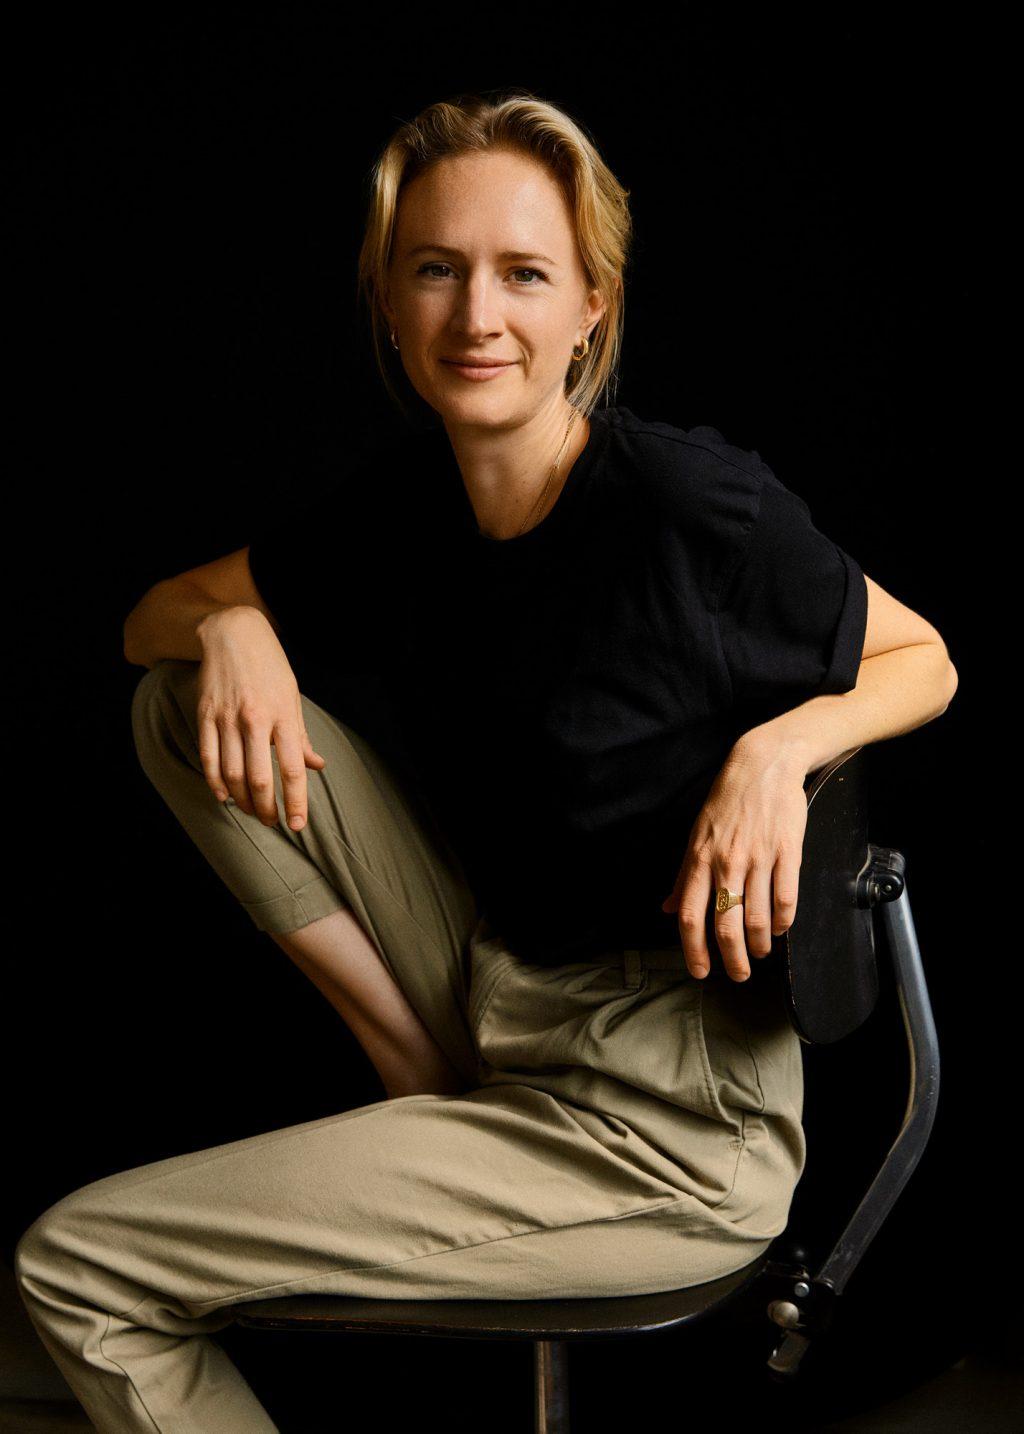 Alexandra Portraits Patrick Desbrosses